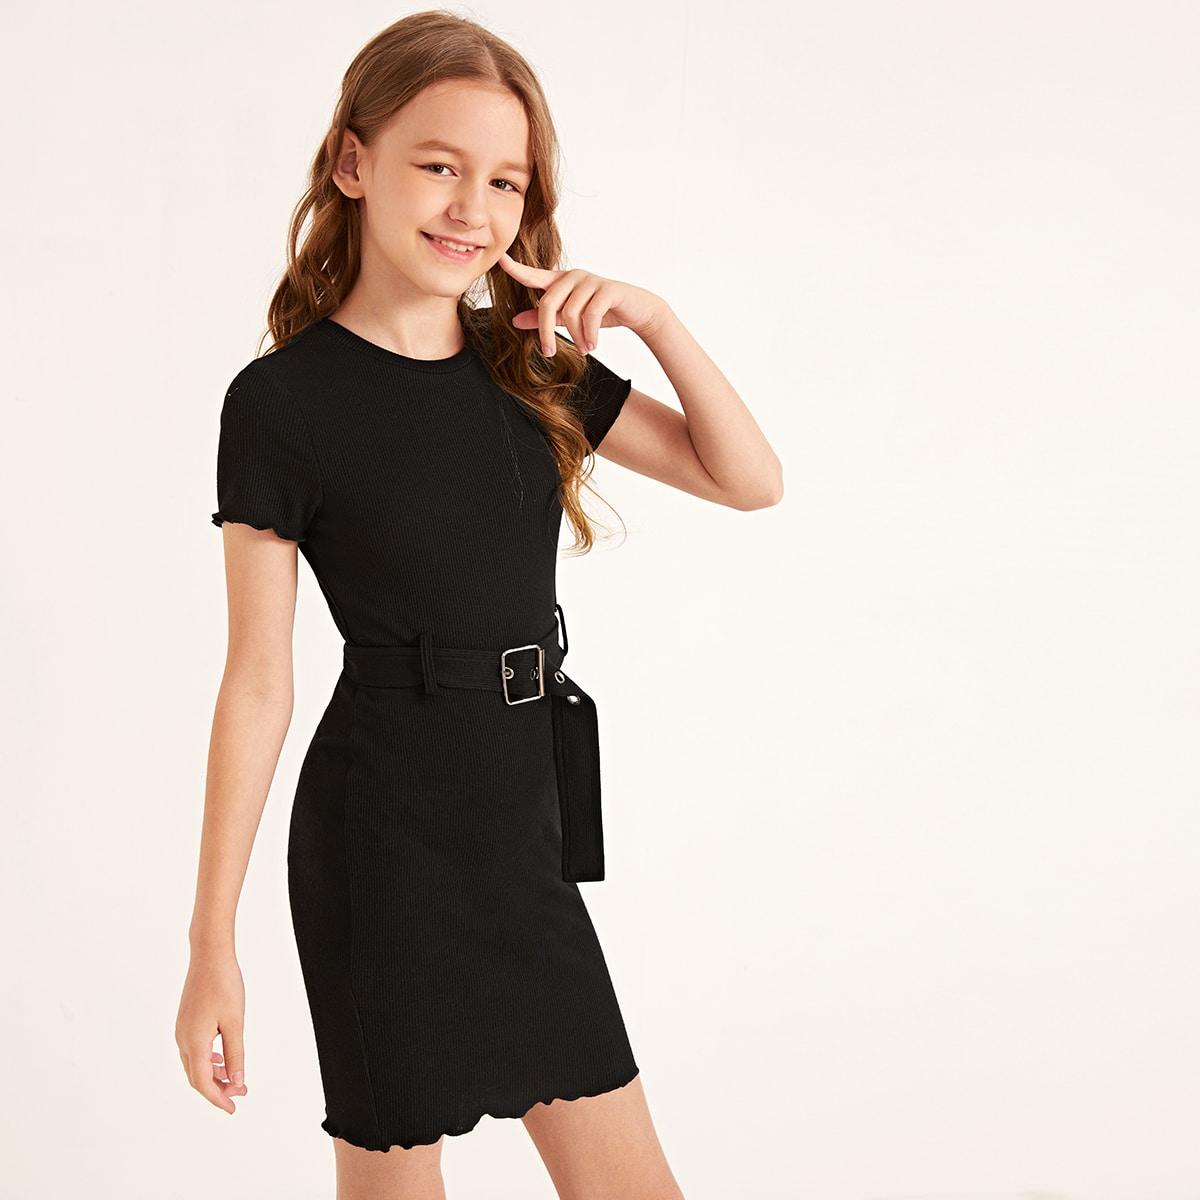 Mädchen Strick Kleid mit Gürtel